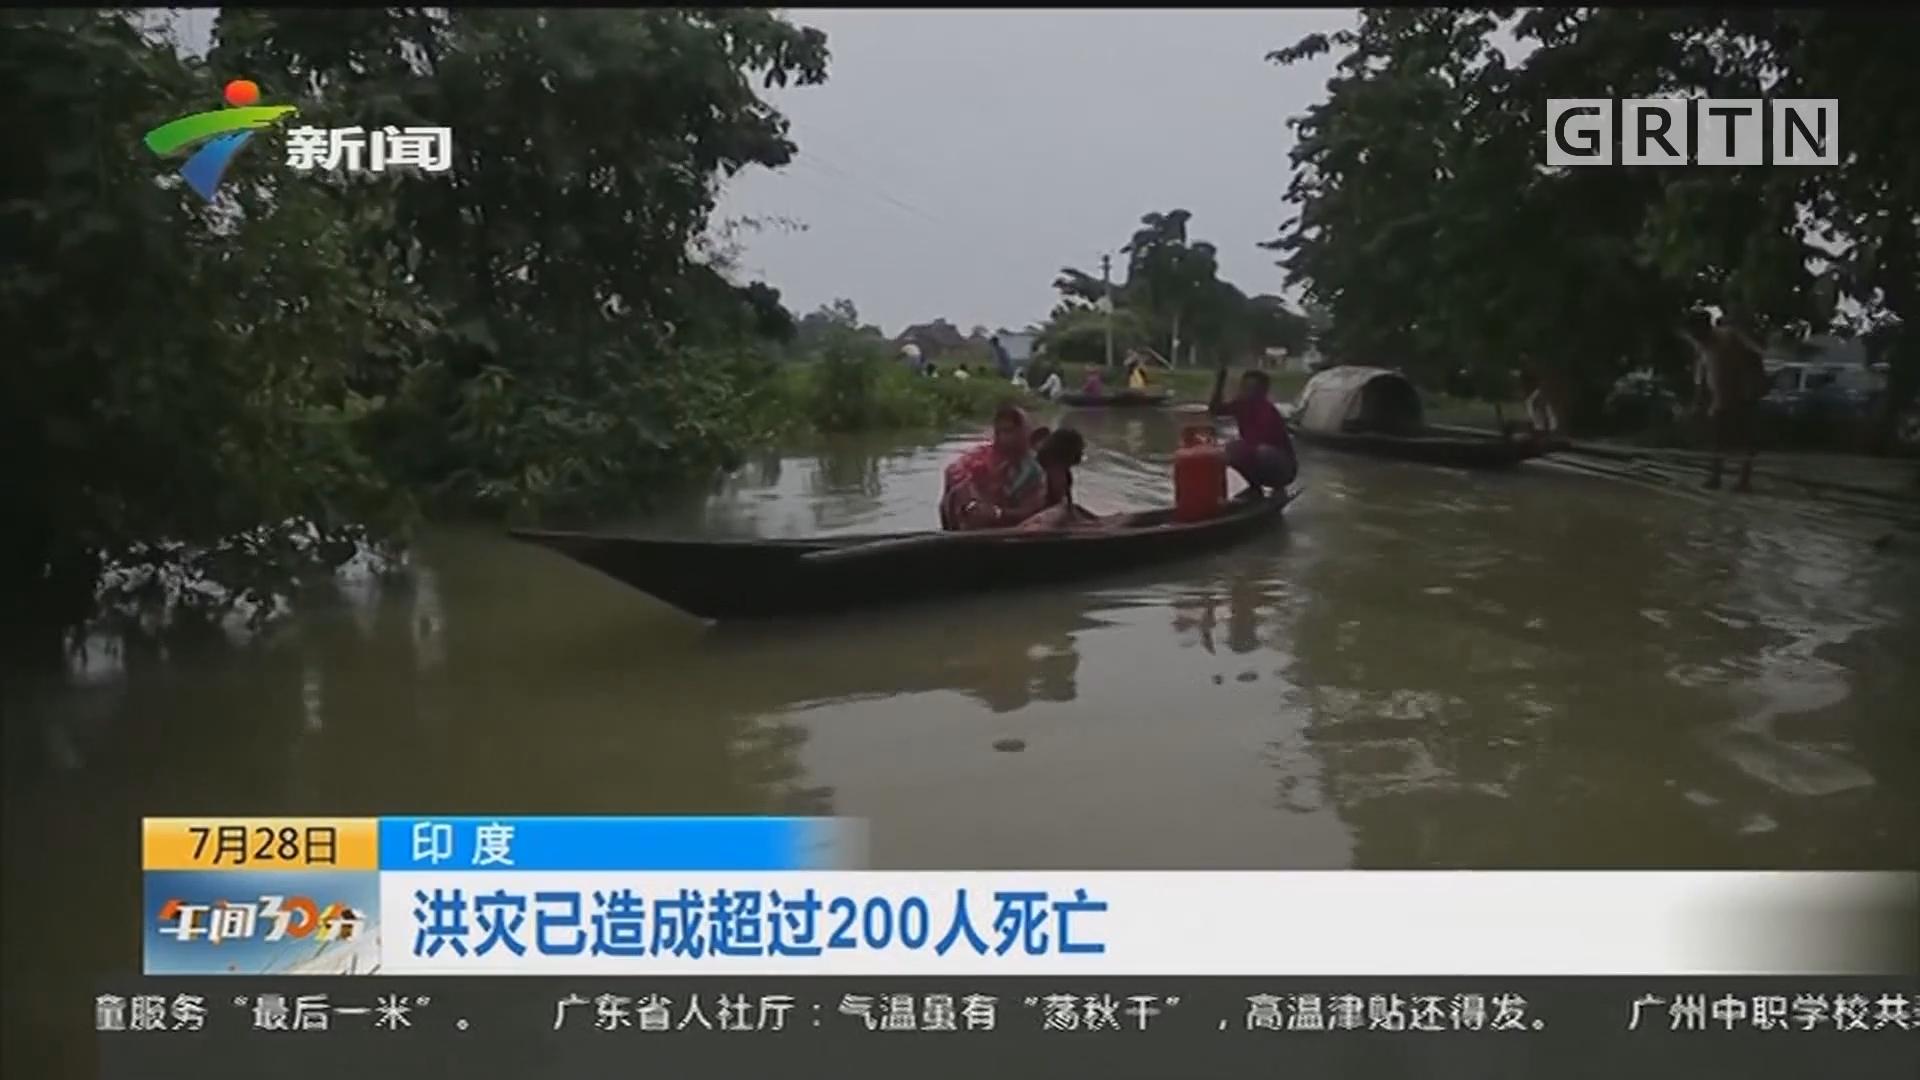 印度:洪灾已造成超过200人死亡